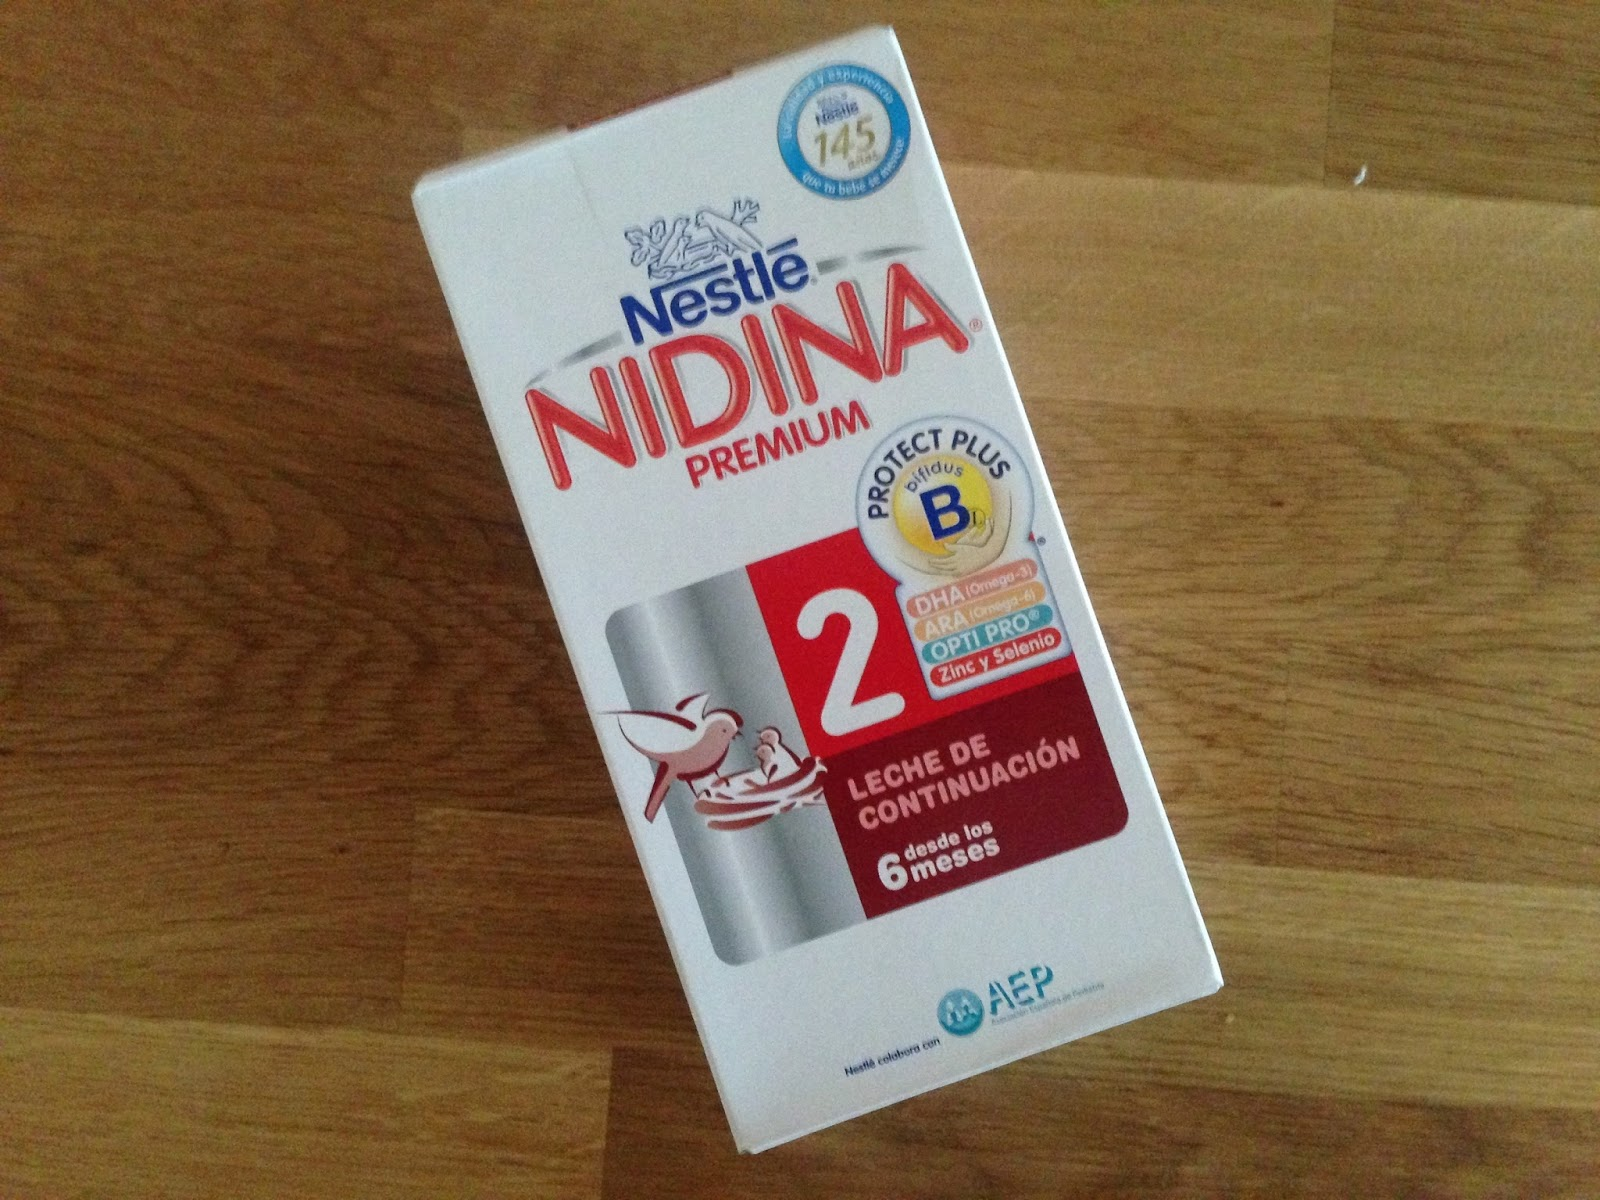 nonabox-productos-bebe-nidina-nestle